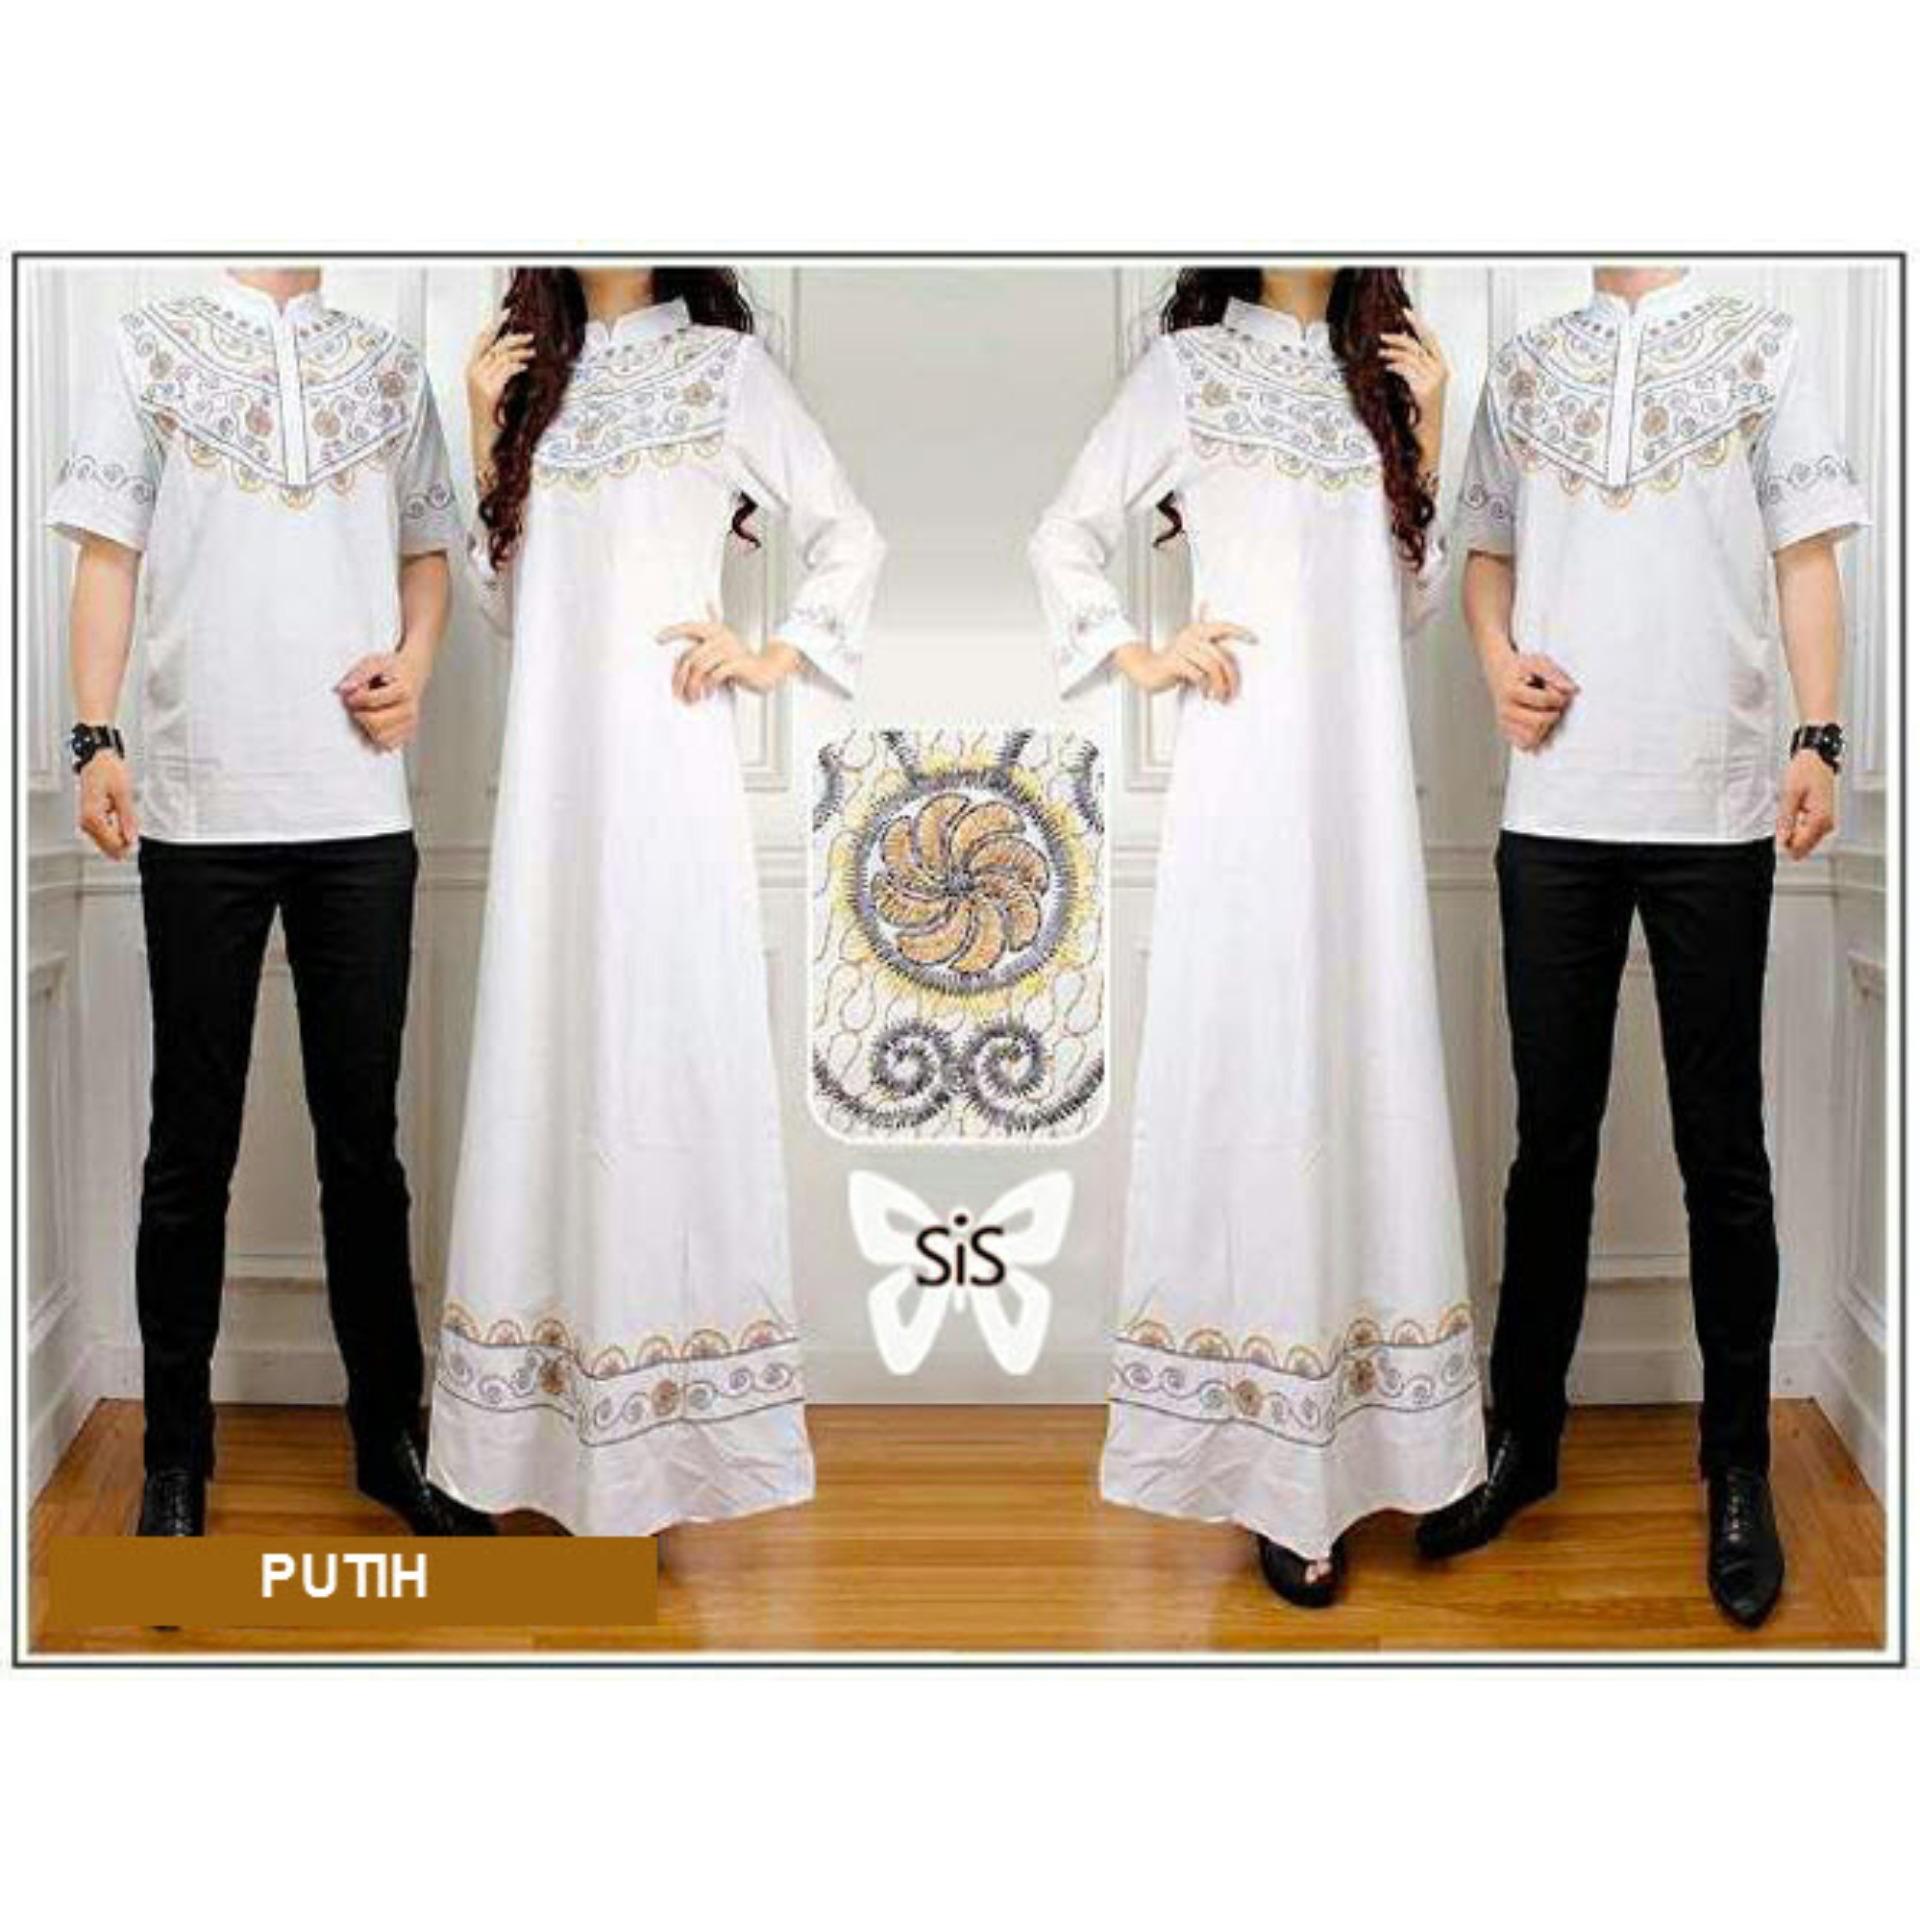 Sera Outfit Baju Muslim Couple MSR079 / Sarimbit / Batik Pasangan / Sepasang Busana Syar'i / Kemeja Koko Pria Gaun Muslimah Gamis Syari Wanita / Srelegant